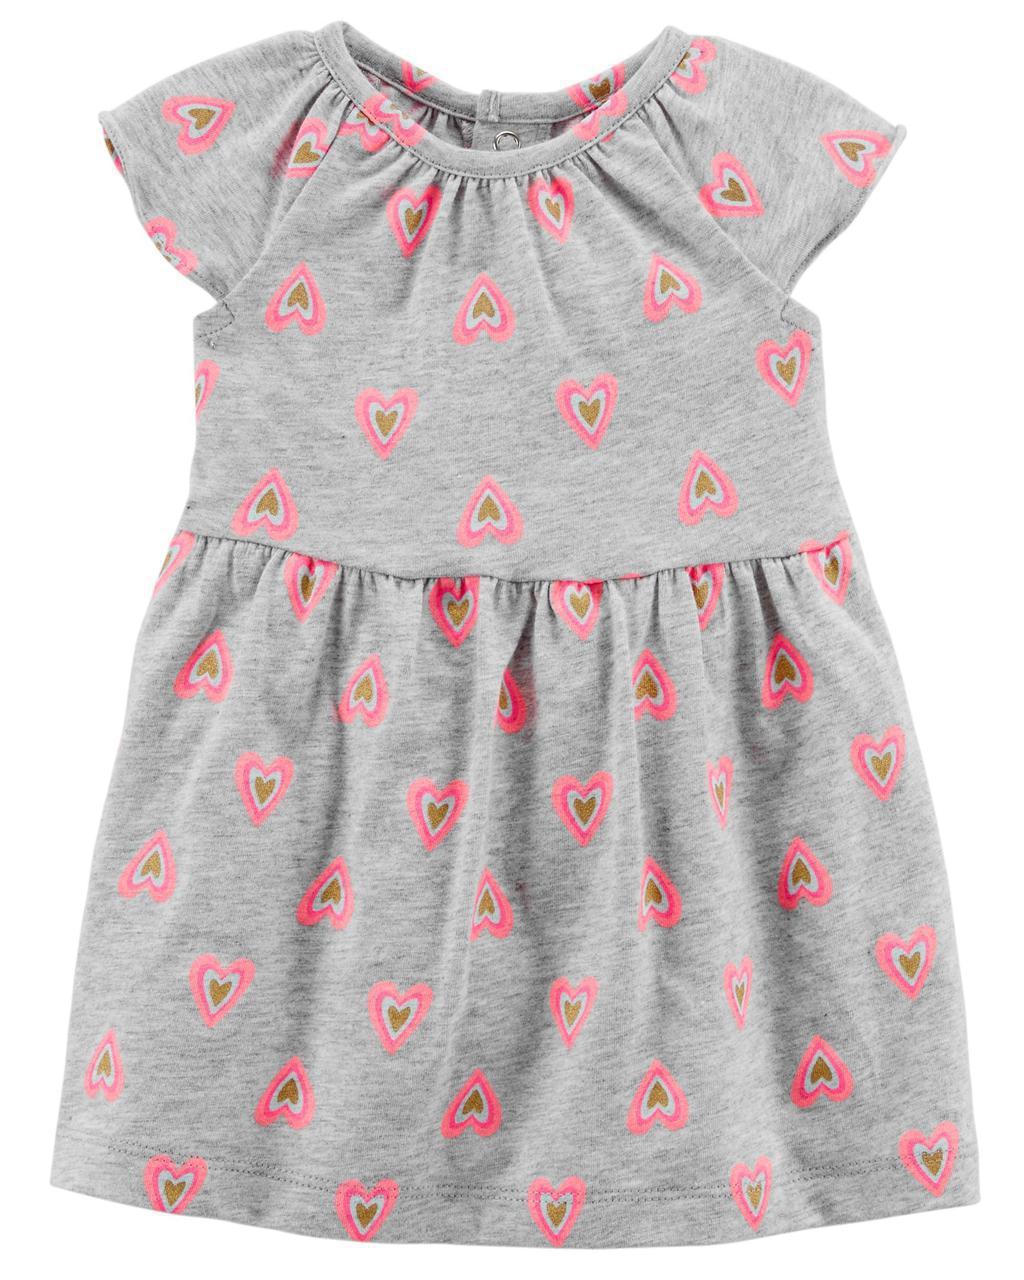 Летнее платье + трусики Carters для девочки 12 мес 72-78 см. Комплект 2-ка